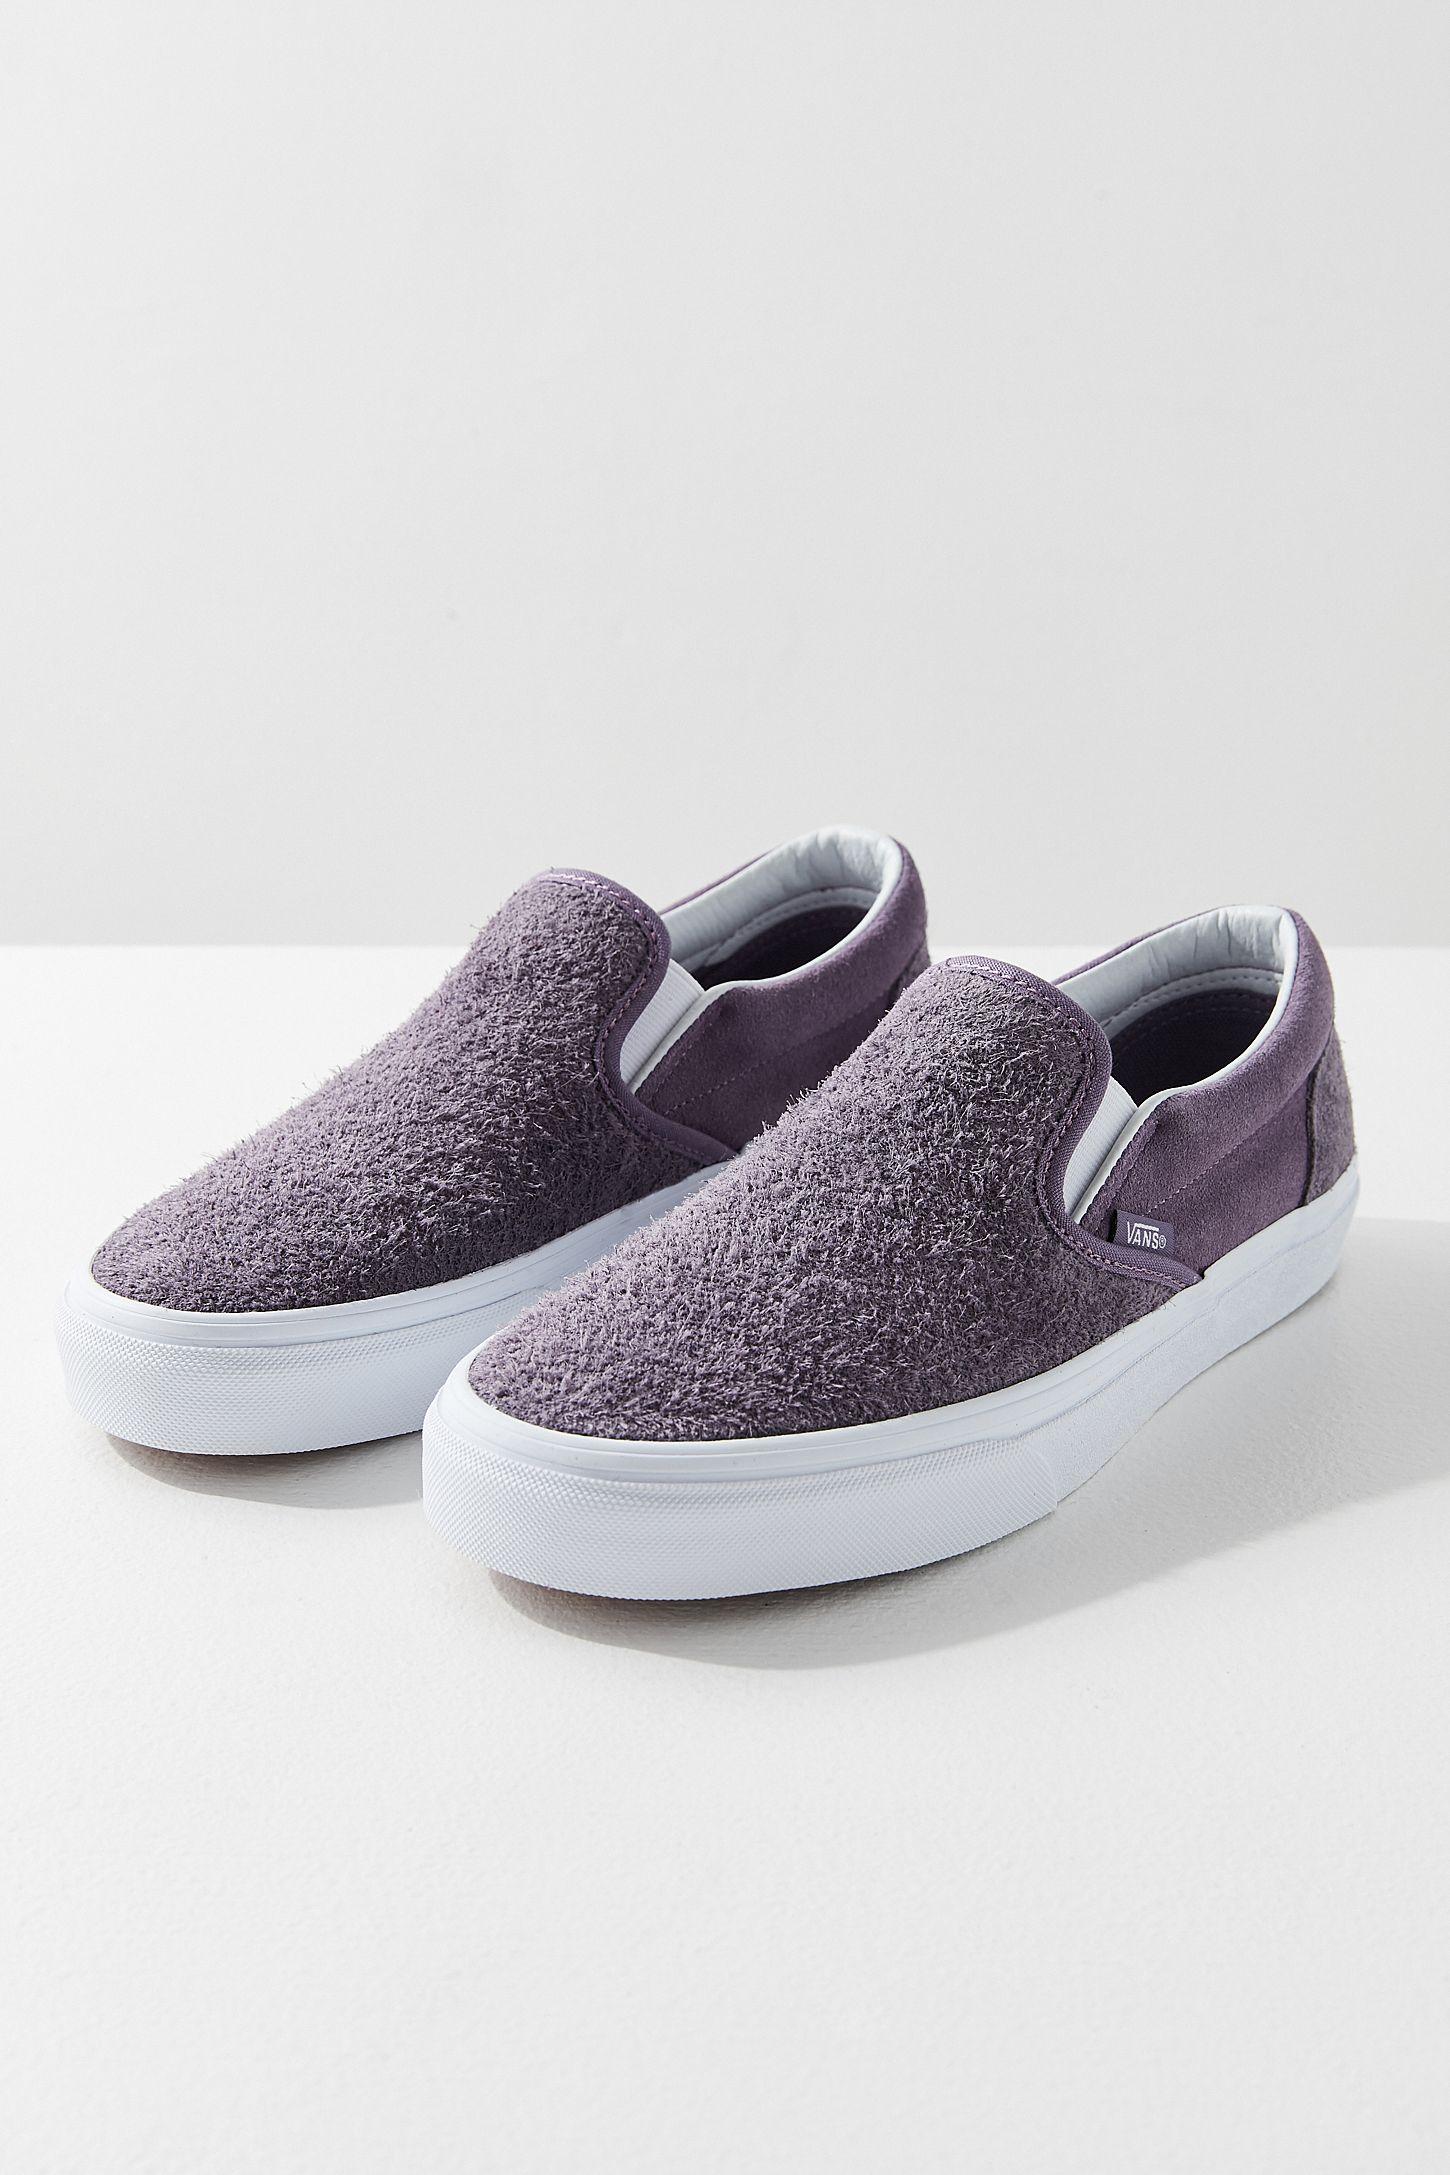 105ffa348342 Vans Hairy Suede Classic Slip-On Sneaker